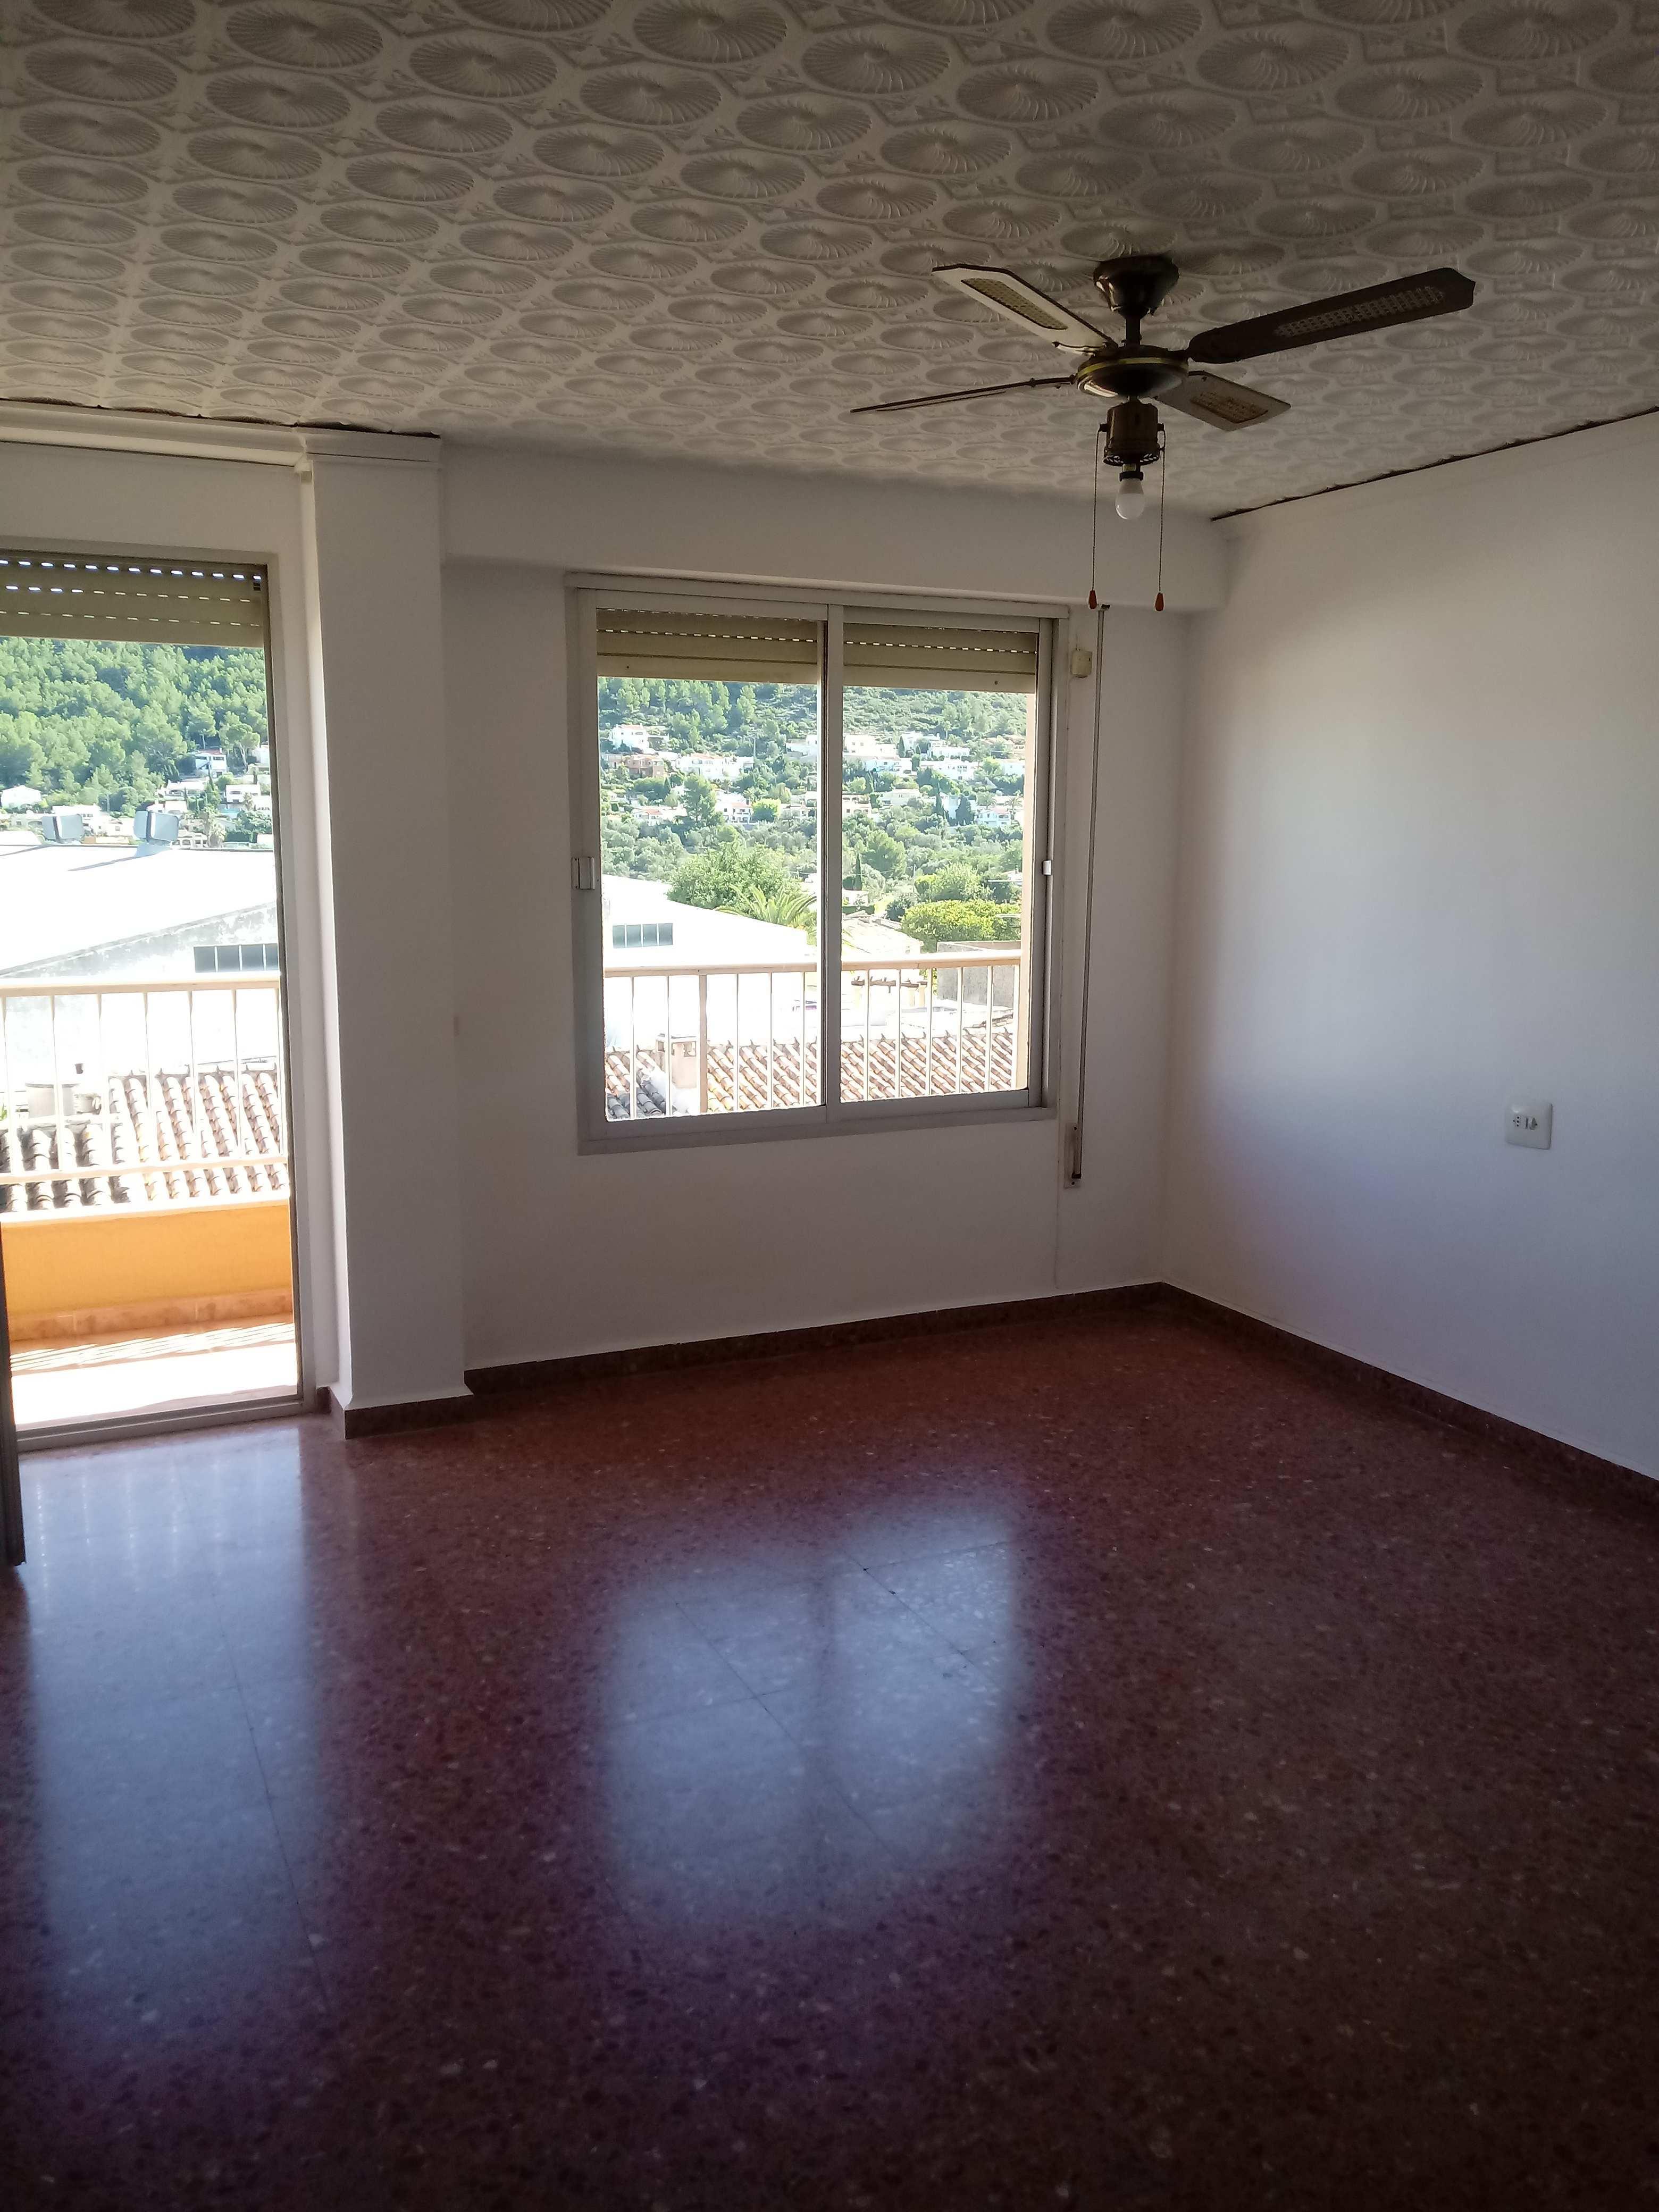 Galerie de photos - 3 - Olea-Home | Real Estate en Orba y Teulada-Moraira |